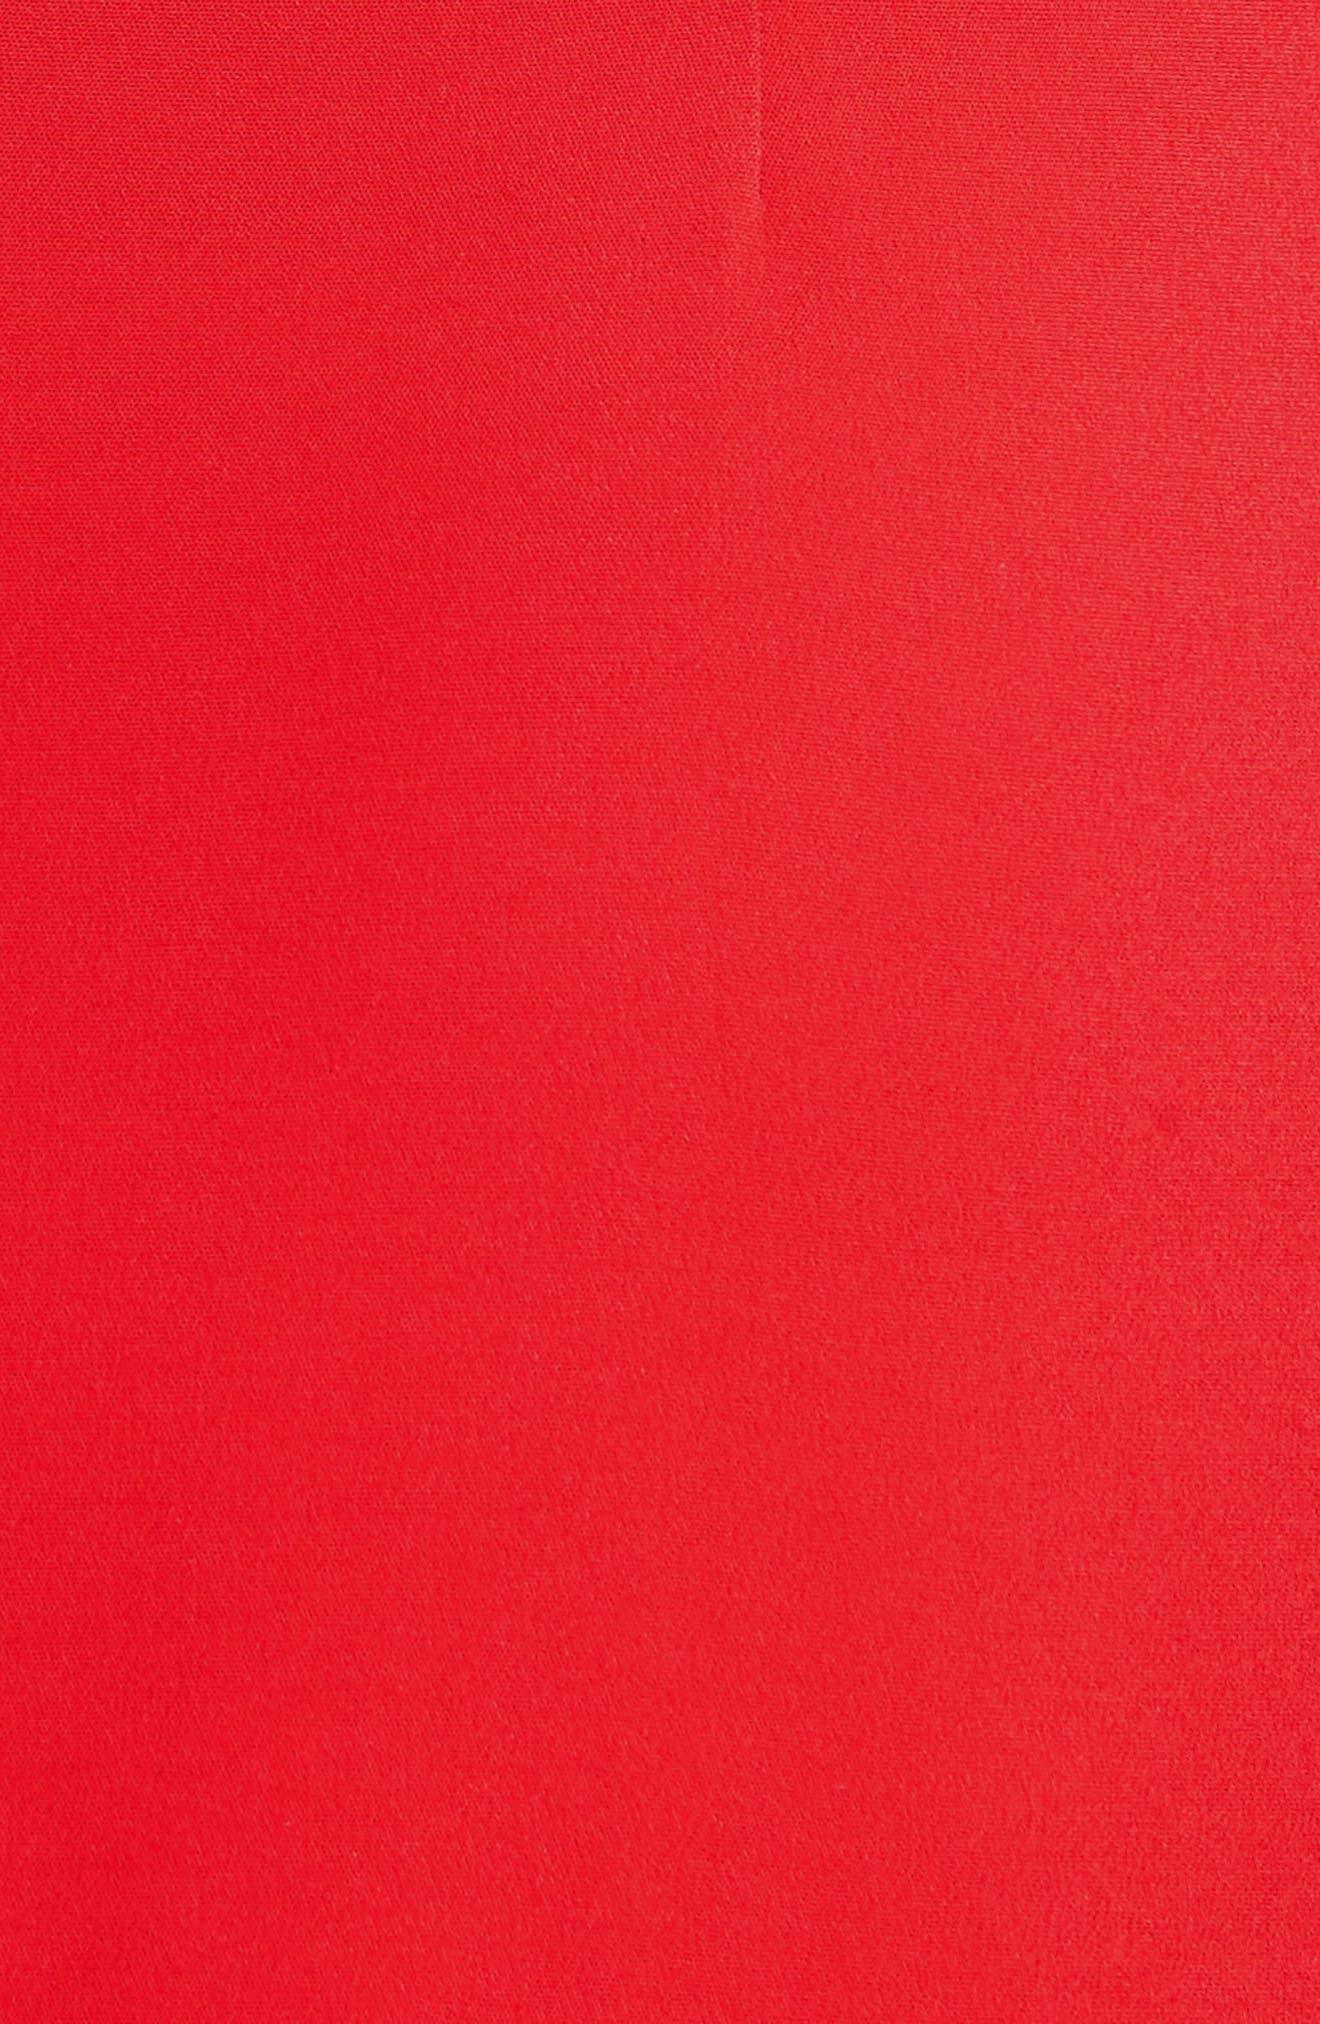 Cowl Neck Pencil Dress,                             Alternate thumbnail 6, color,                             622